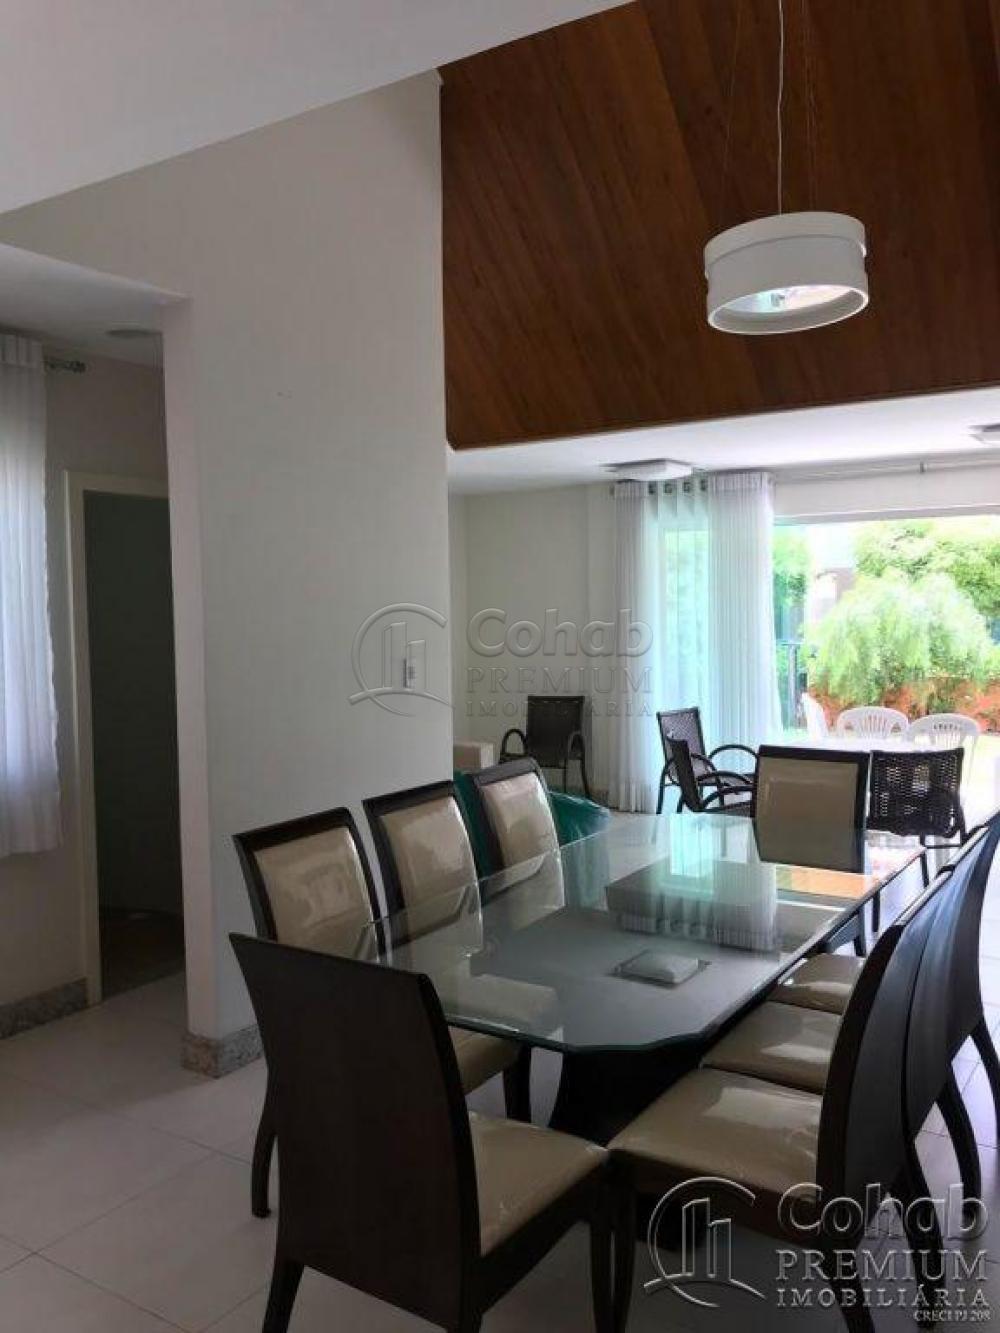 Comprar Casa / Condomínio em Aracaju apenas R$ 1.200.000,00 - Foto 4